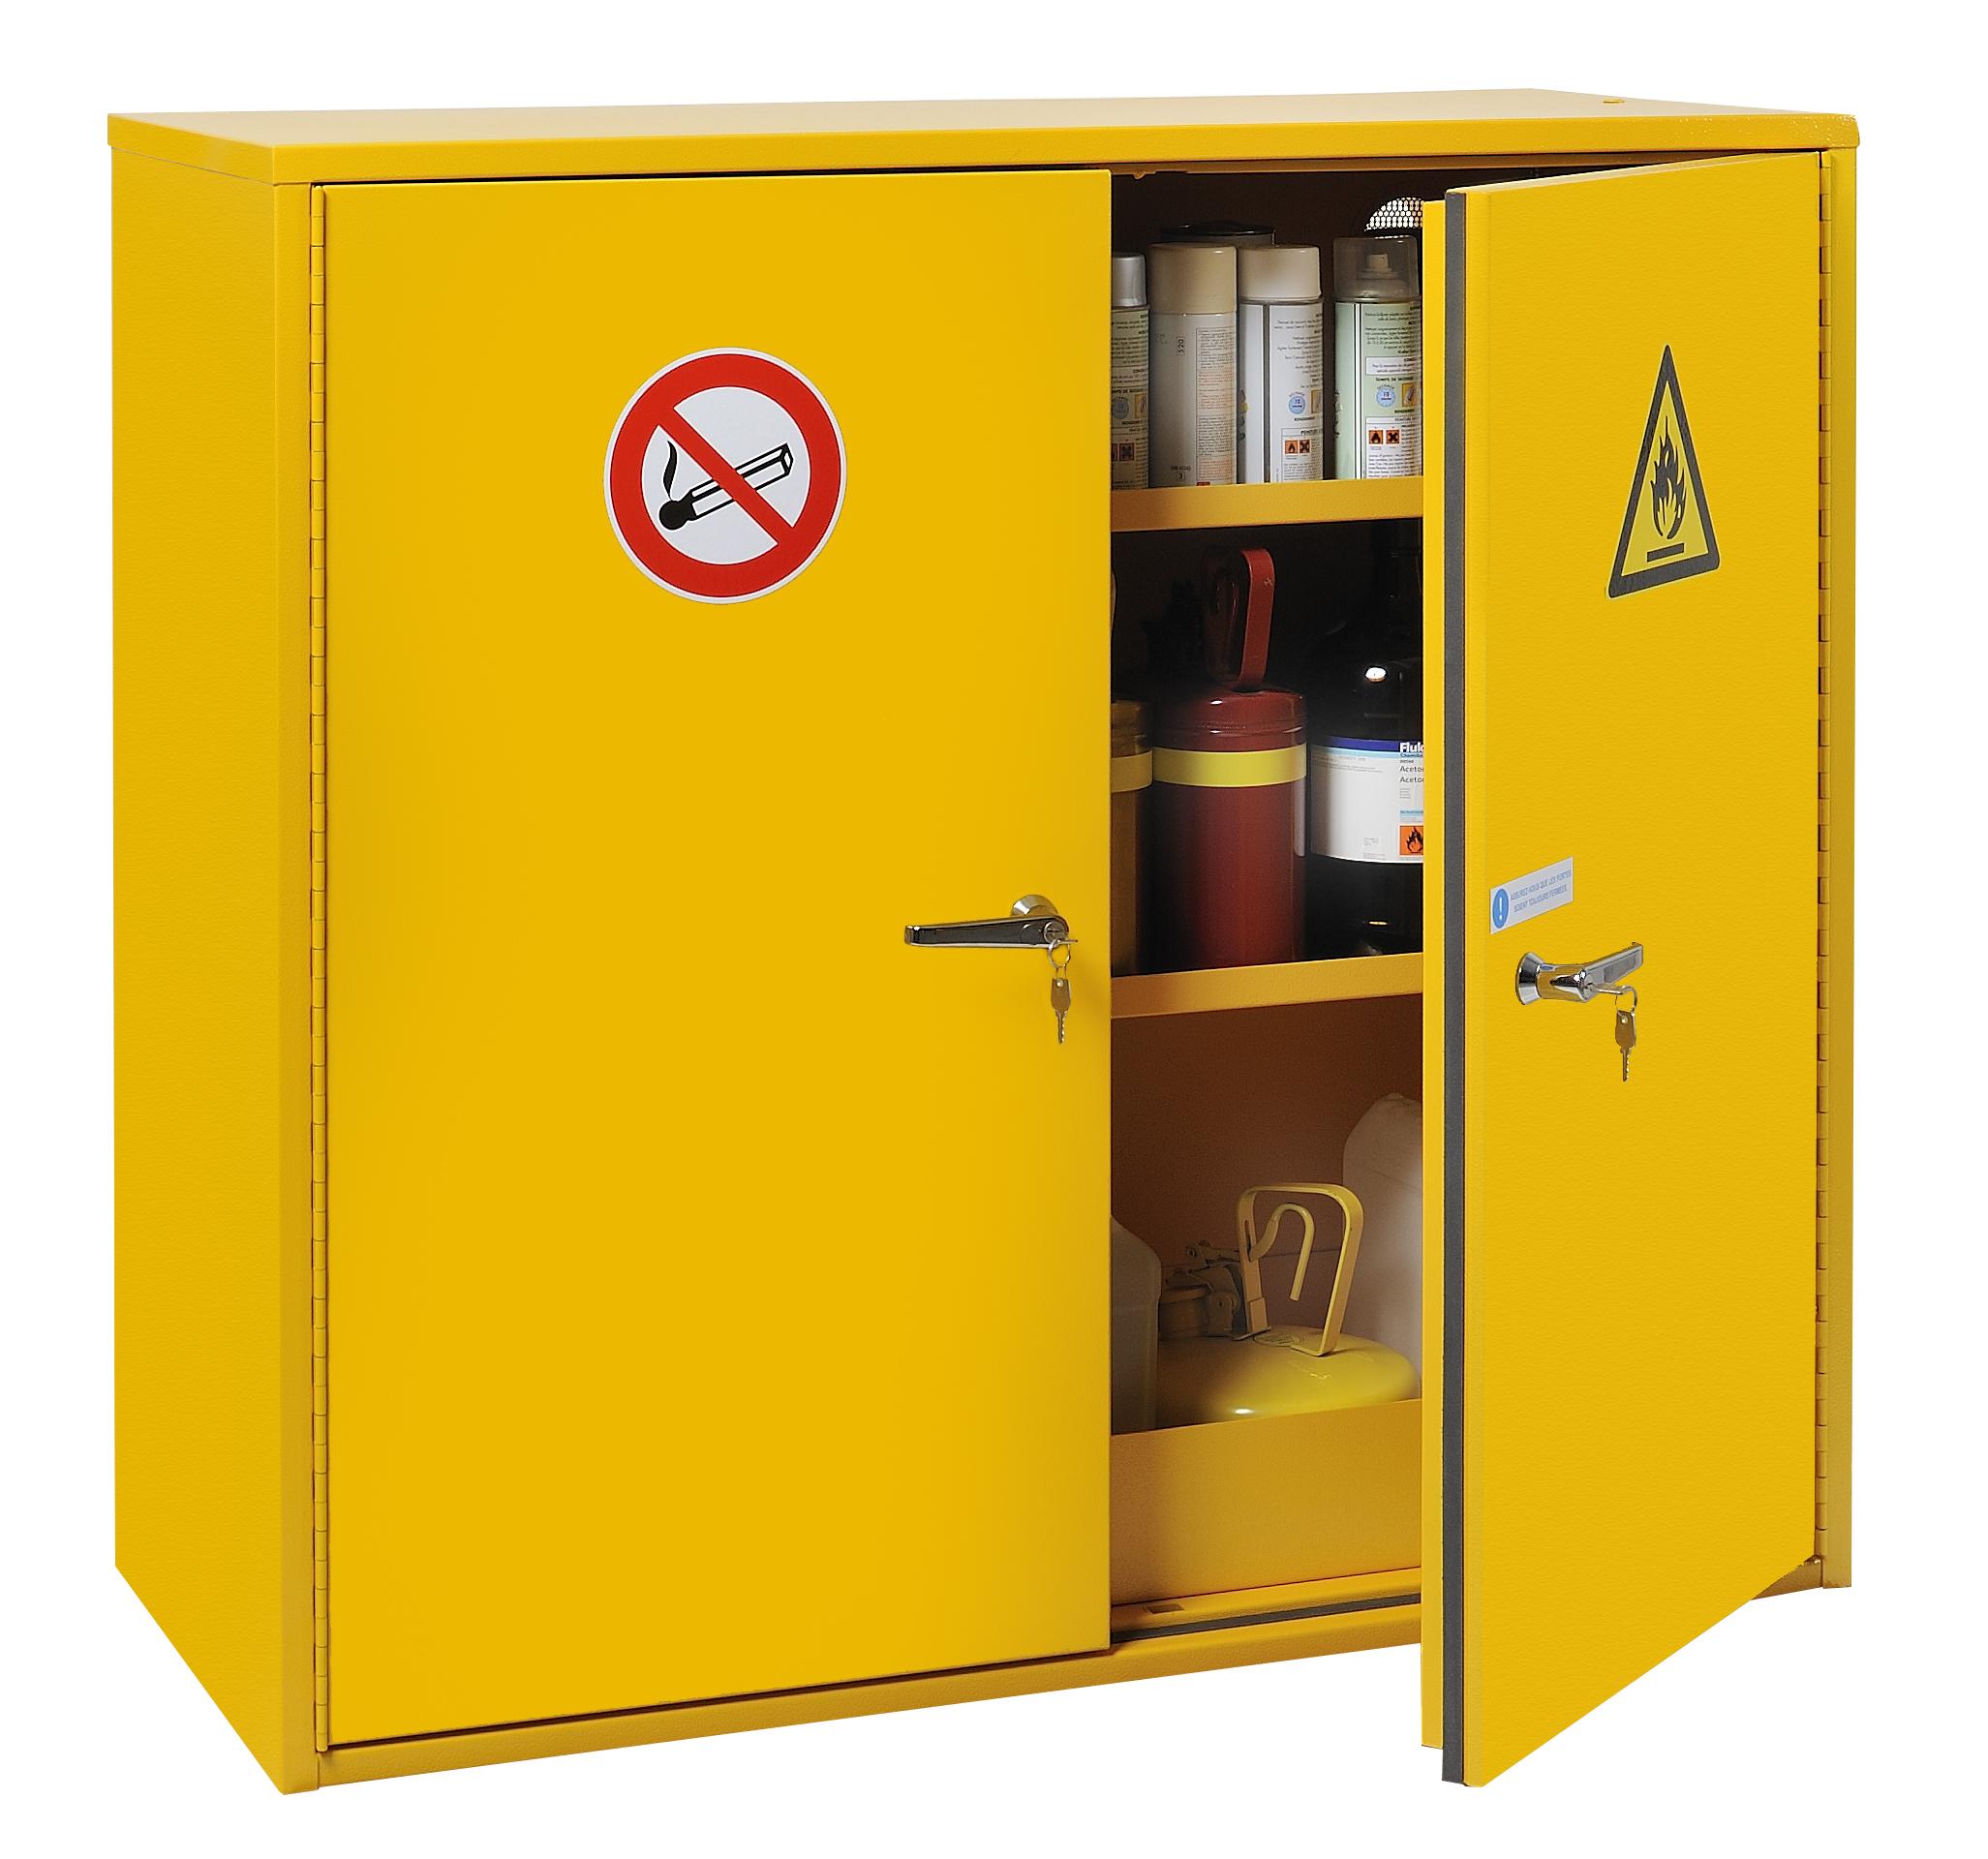 armoires de securite pour produits inflammables tous les. Black Bedroom Furniture Sets. Home Design Ideas